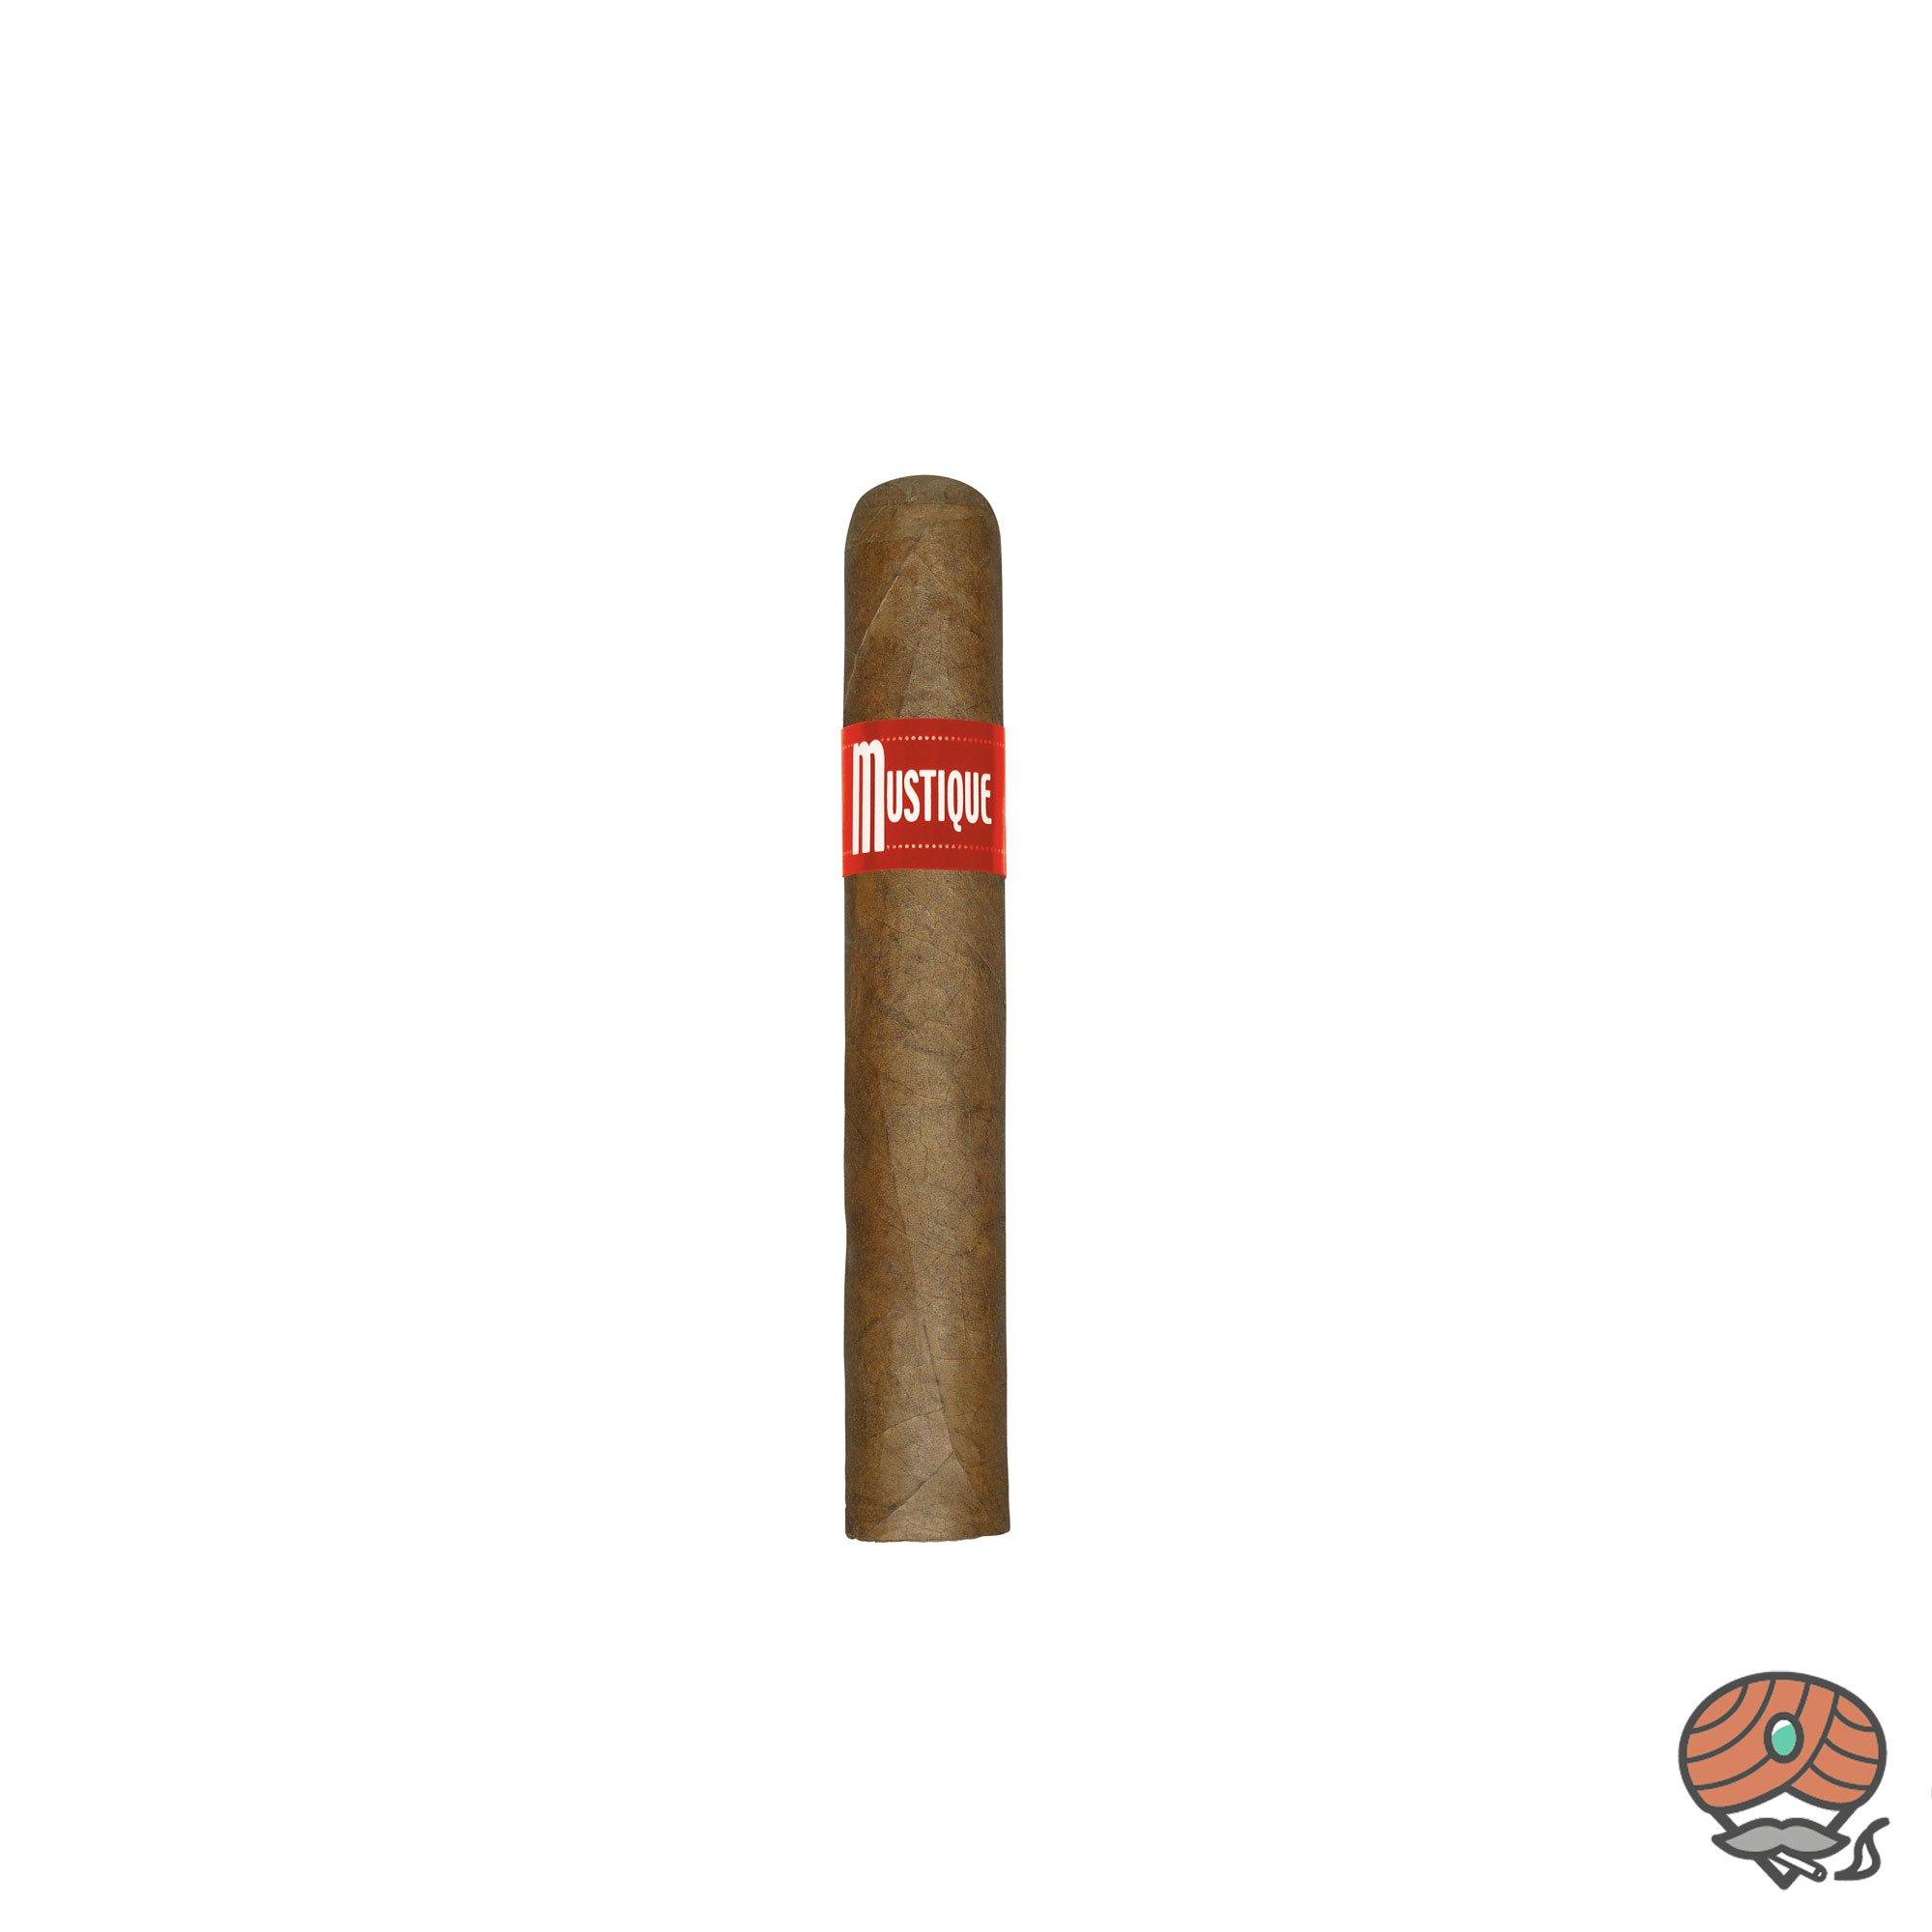 Mustique Red Robusto Zigarre Dominikanische Republik